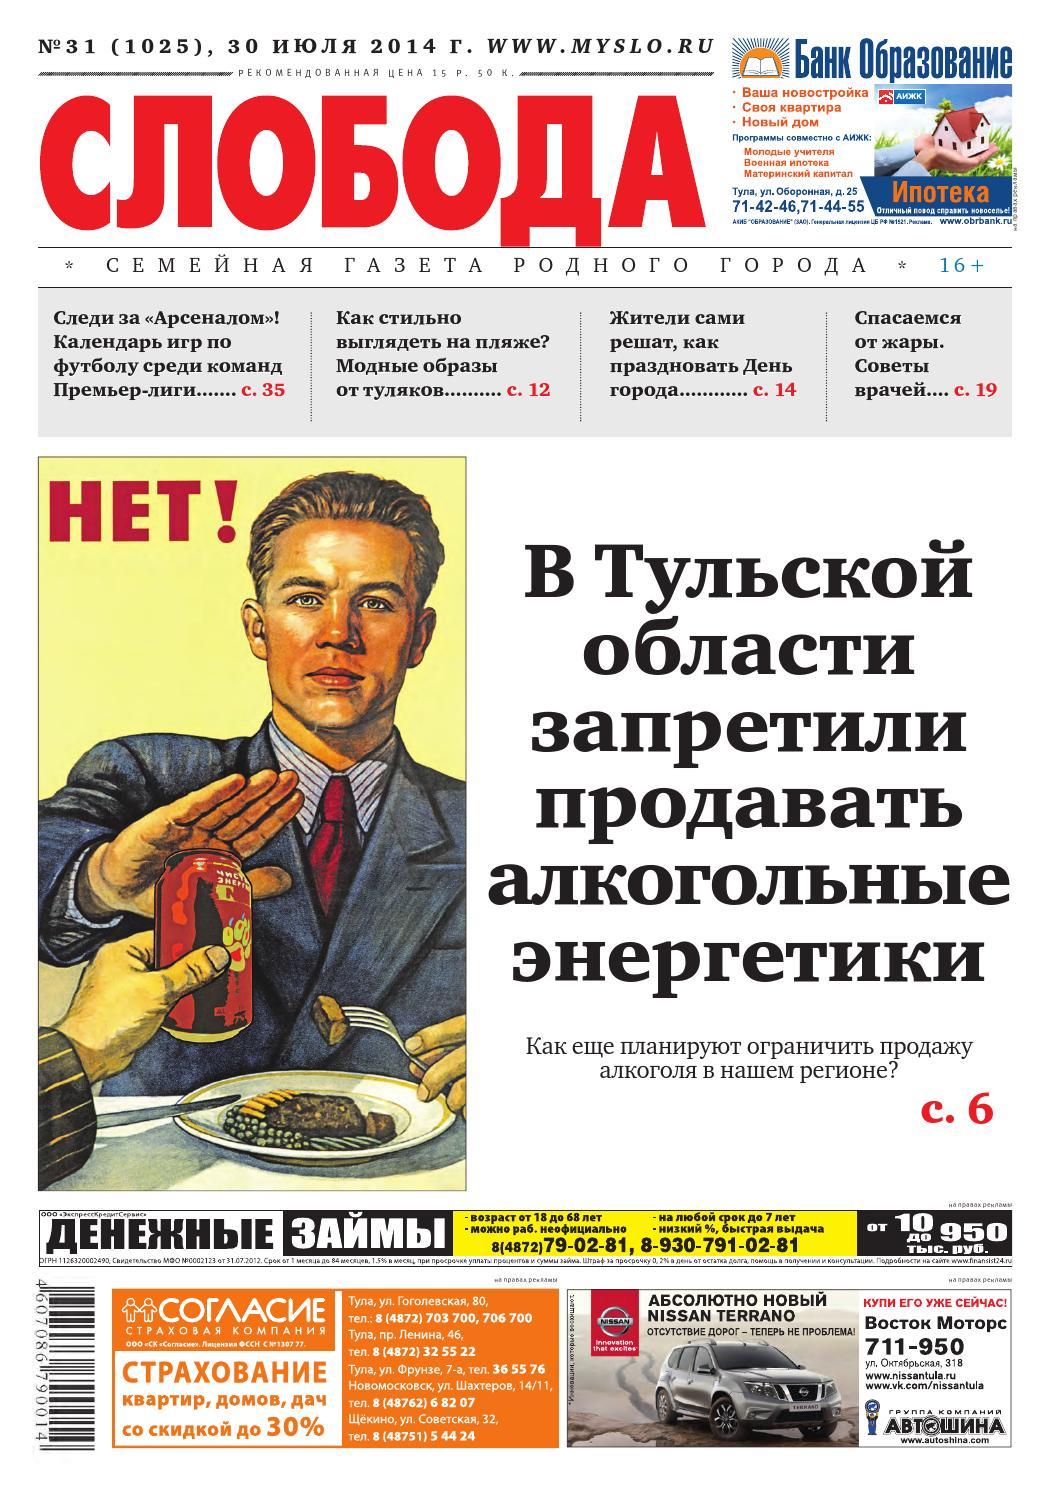 Публичный секс на дискотеке за 10000 рублей максимум на нтв tvrip